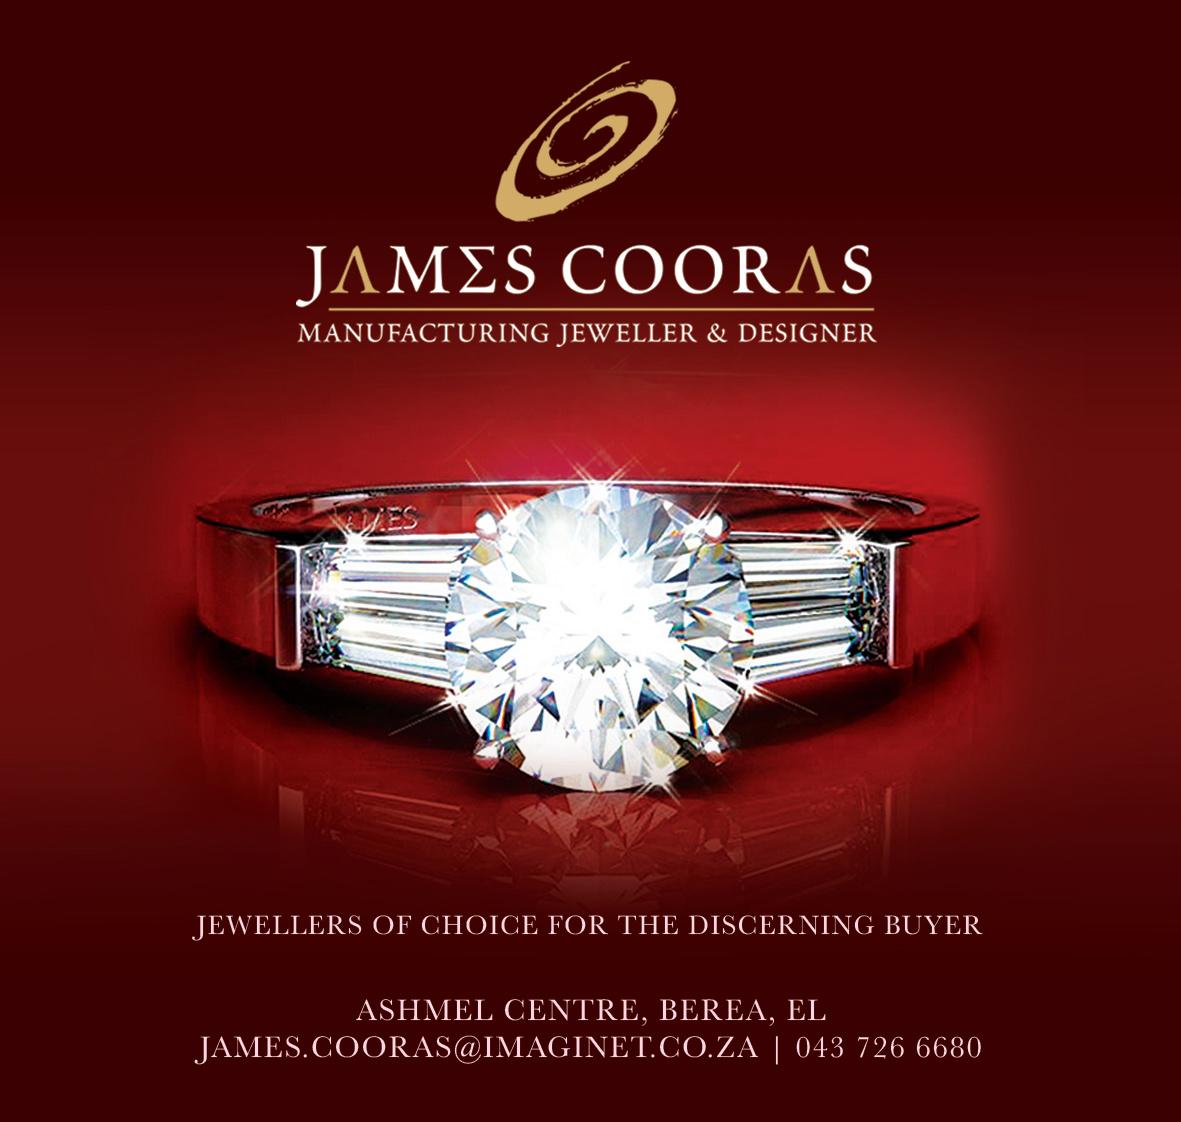 JAMES COORAS JEWELLERS